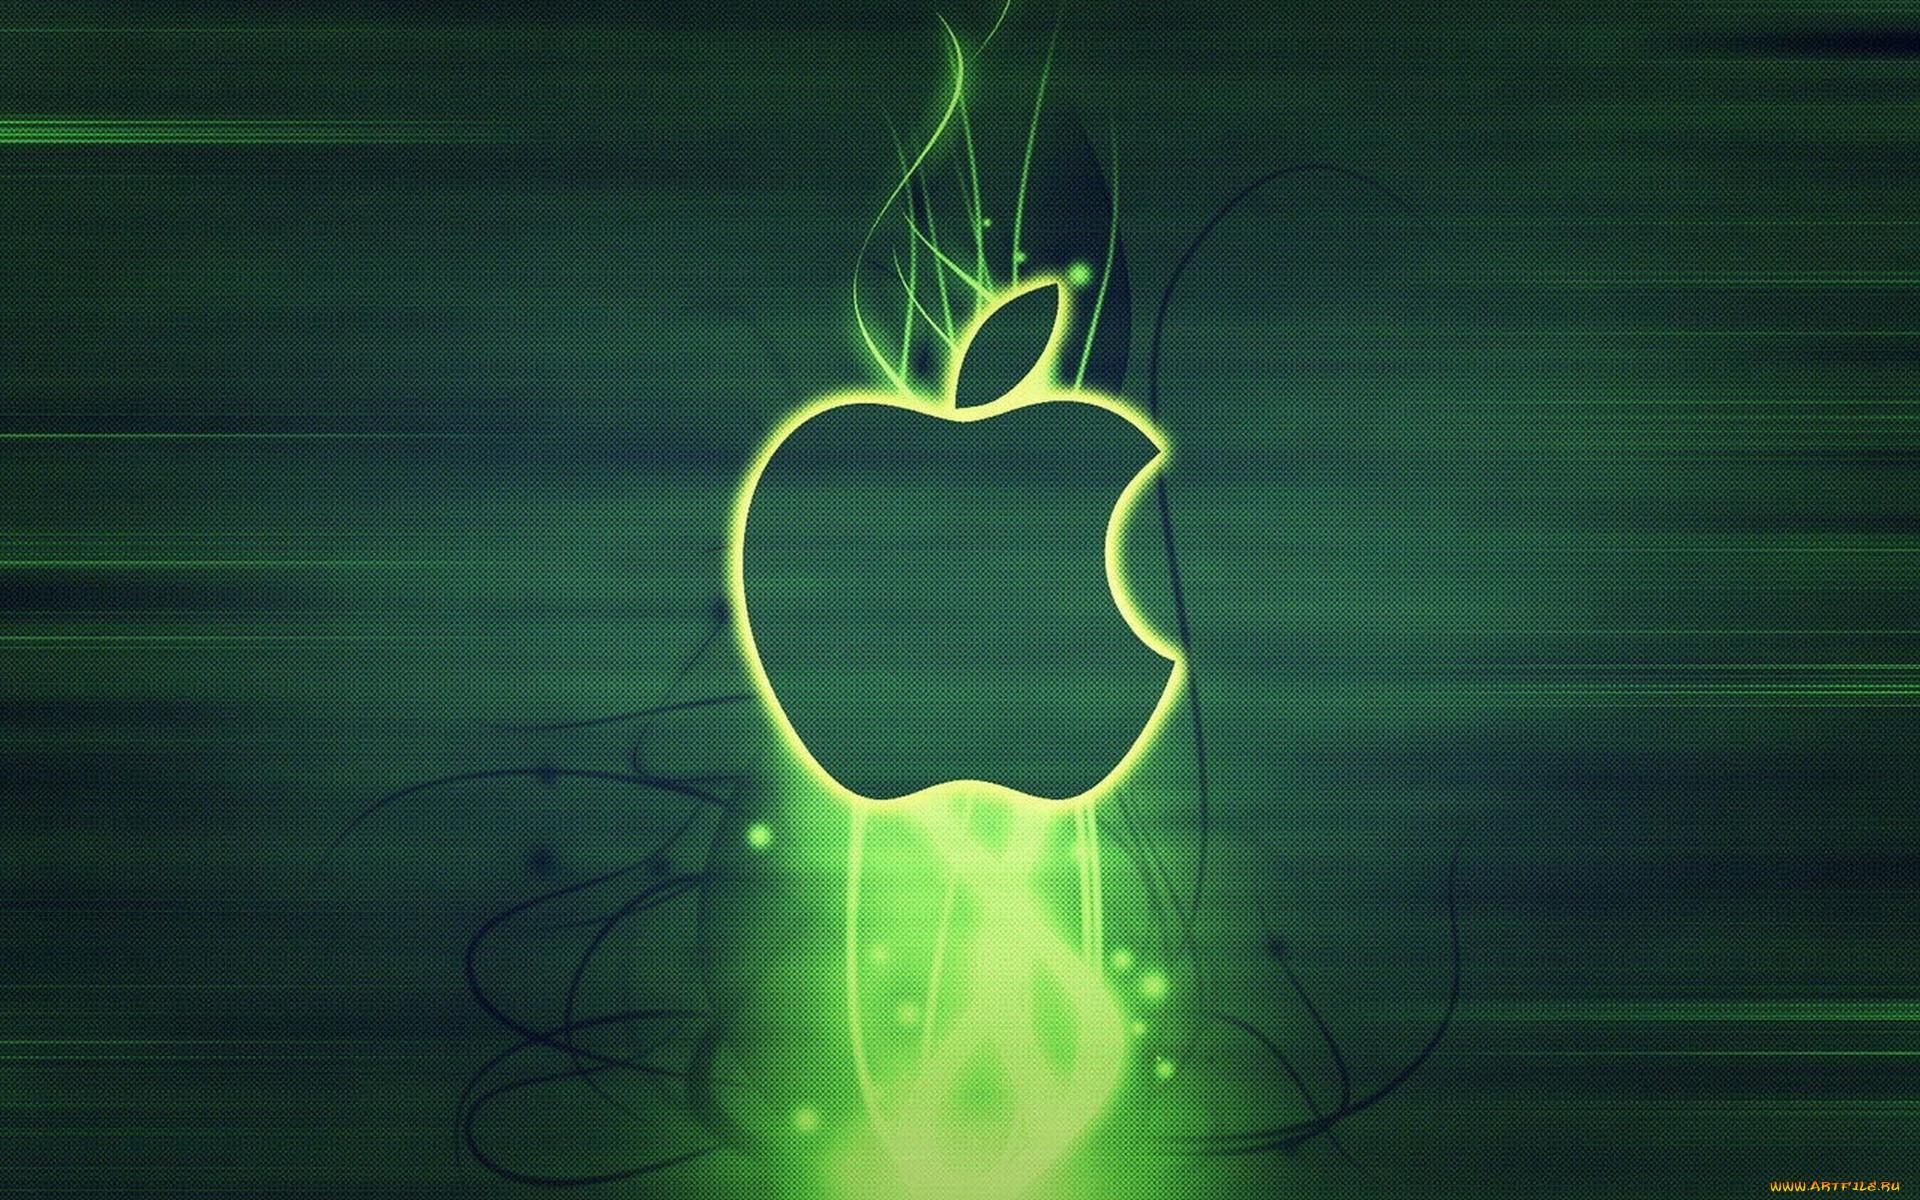 дереву, цветовая картинки на аву компьютеру таким как это